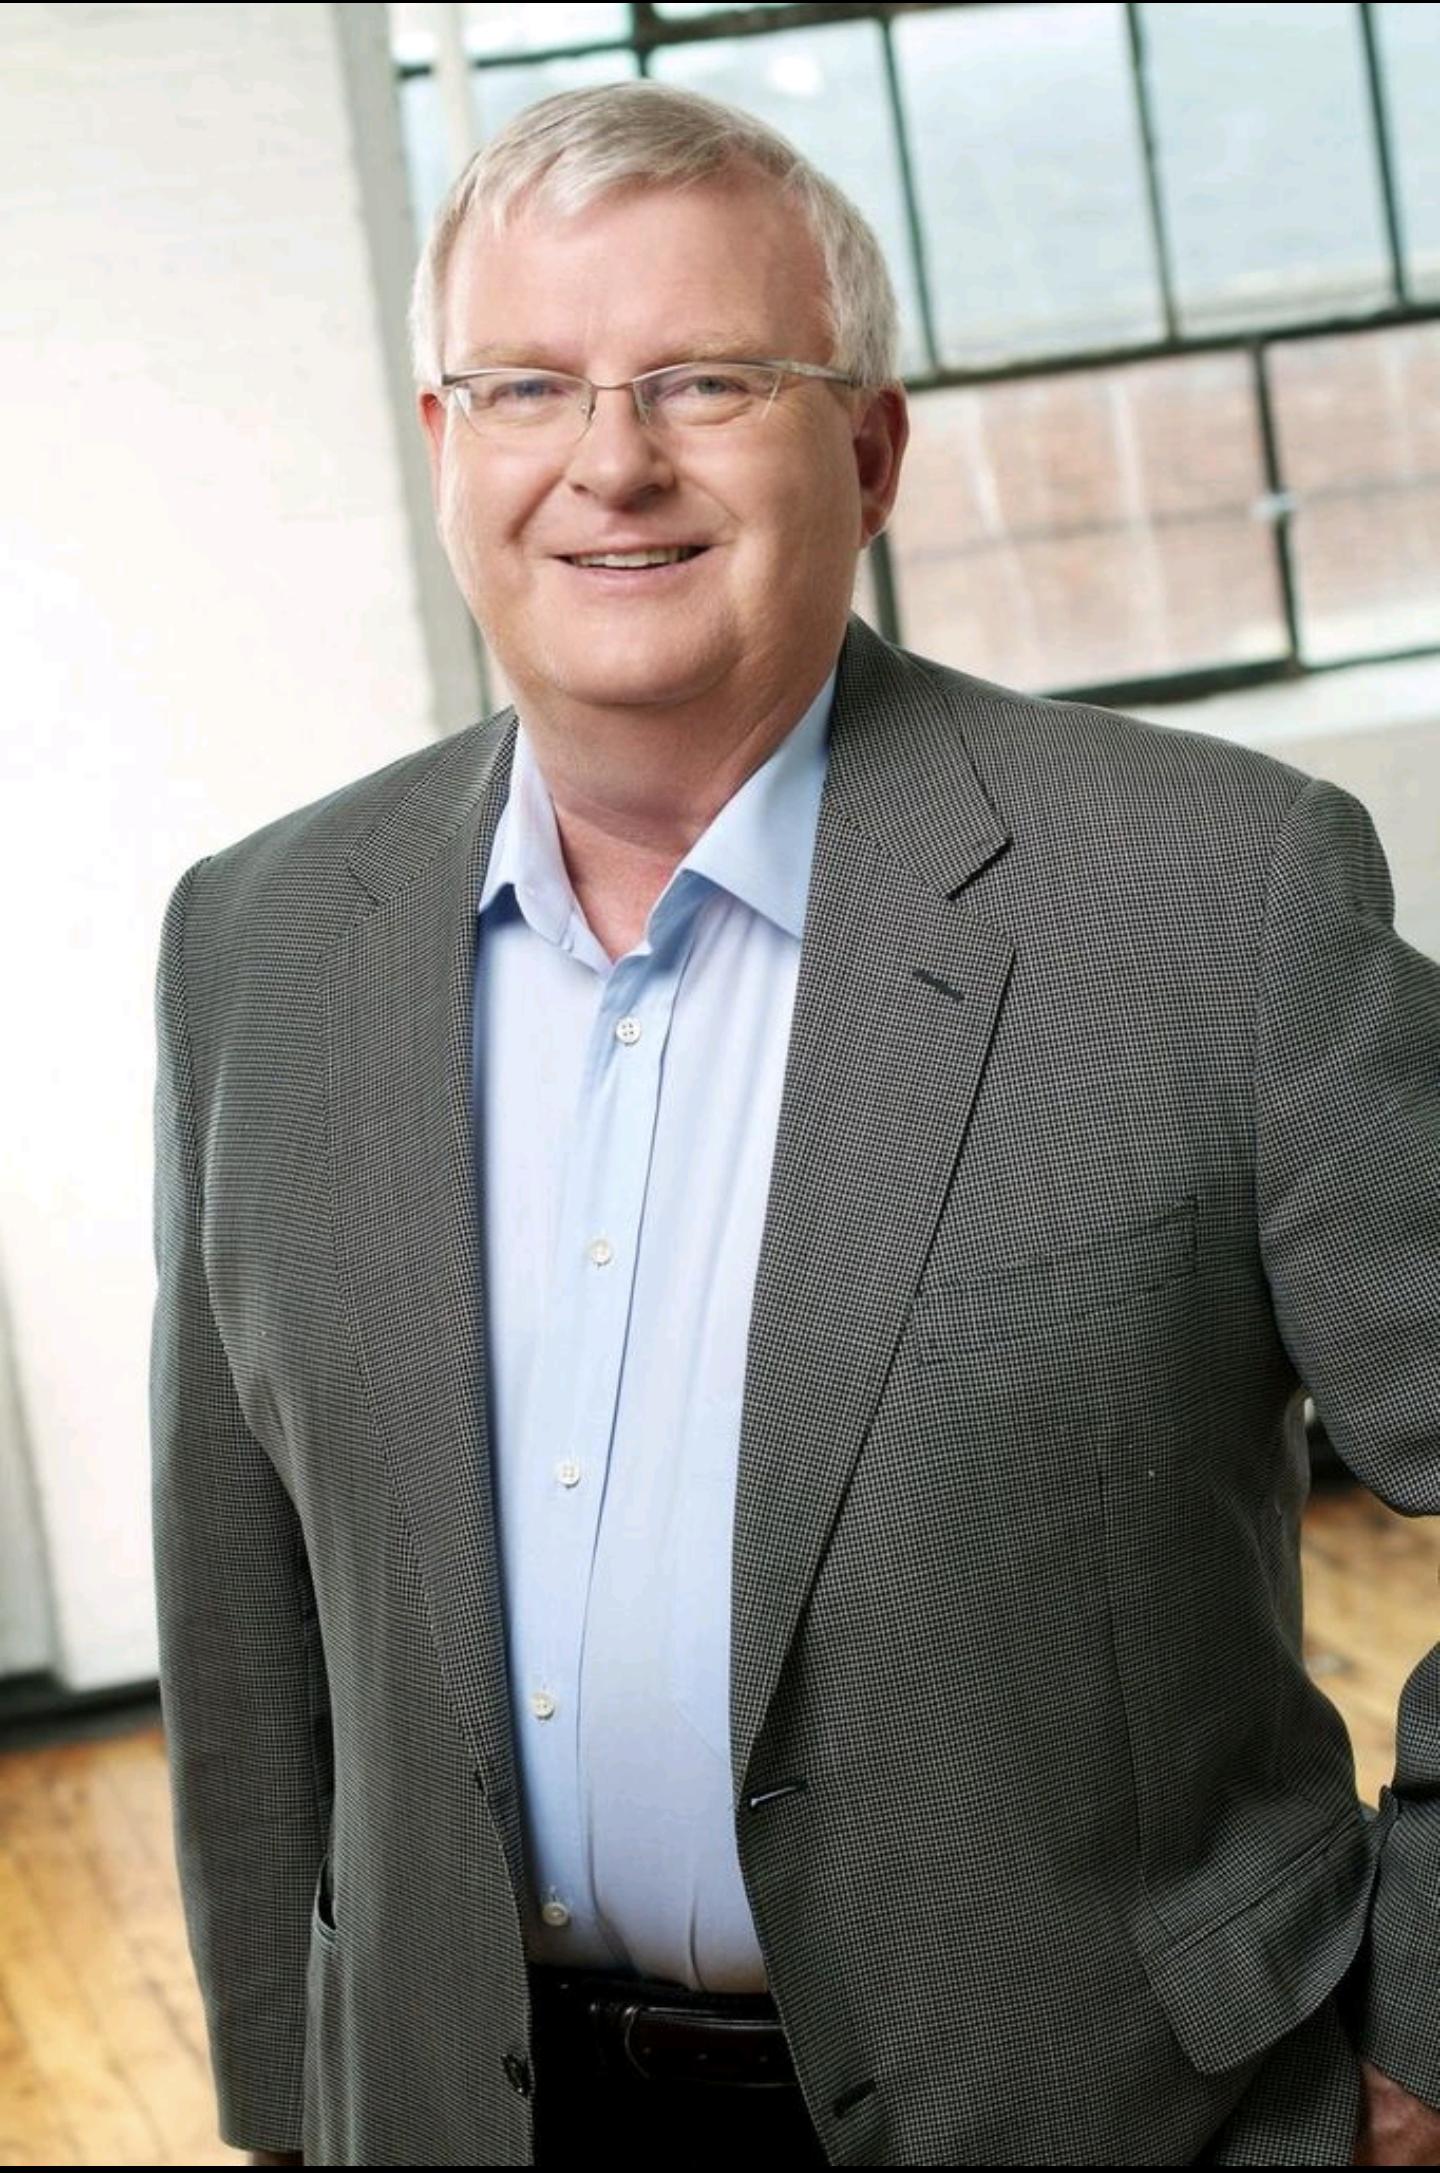 Gerard Buckley - a mortgage career mentor